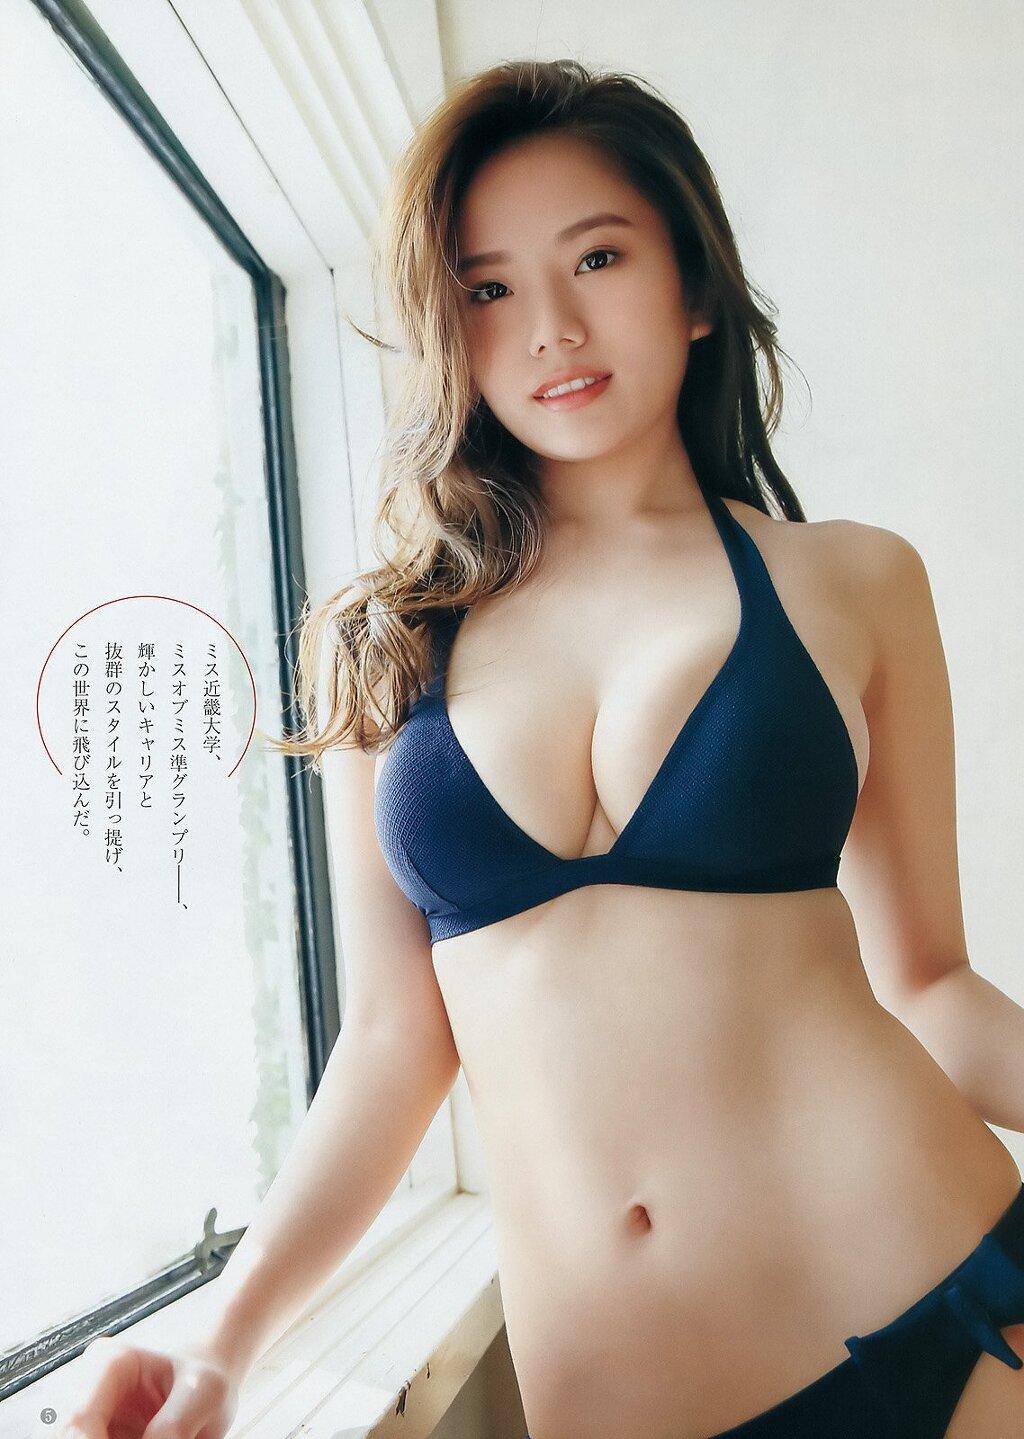 일본의 프리 아나운서 이토 사야코 . jpgif